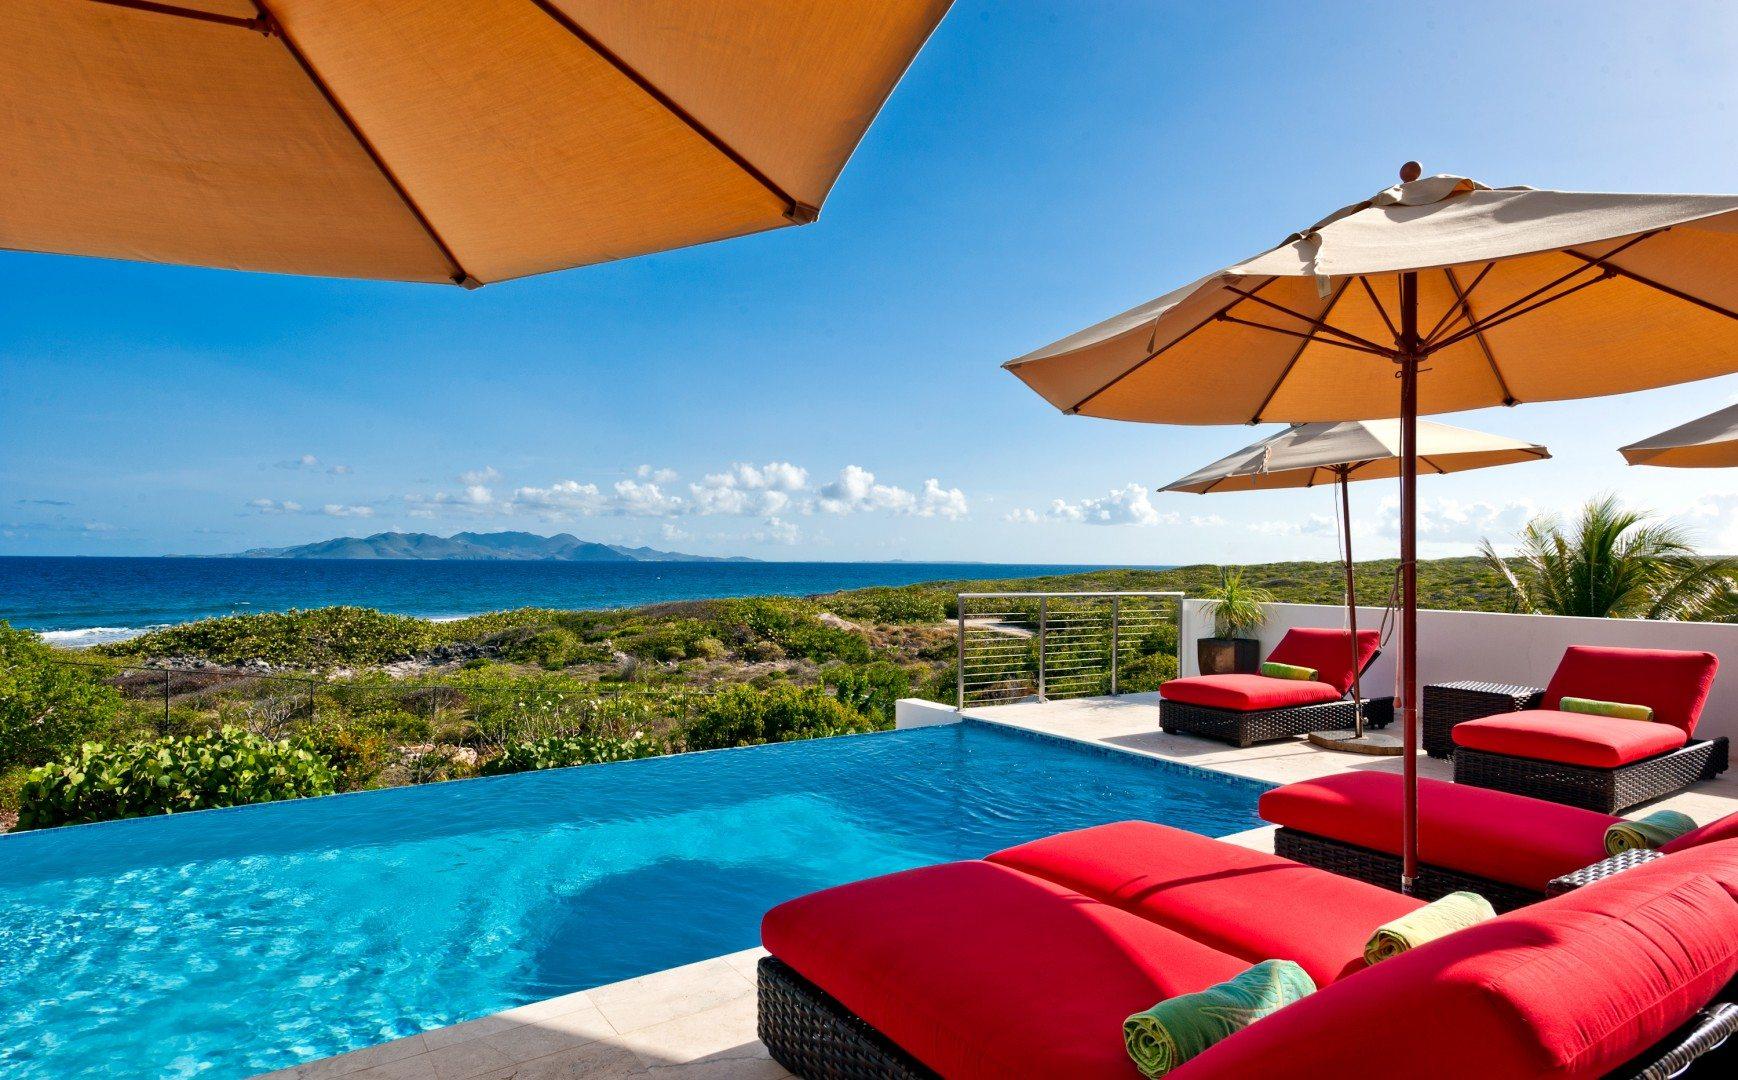 Luxury-Villa-Pool-Anguilla-Ricketts-Luxury-Properties-UltraVilla